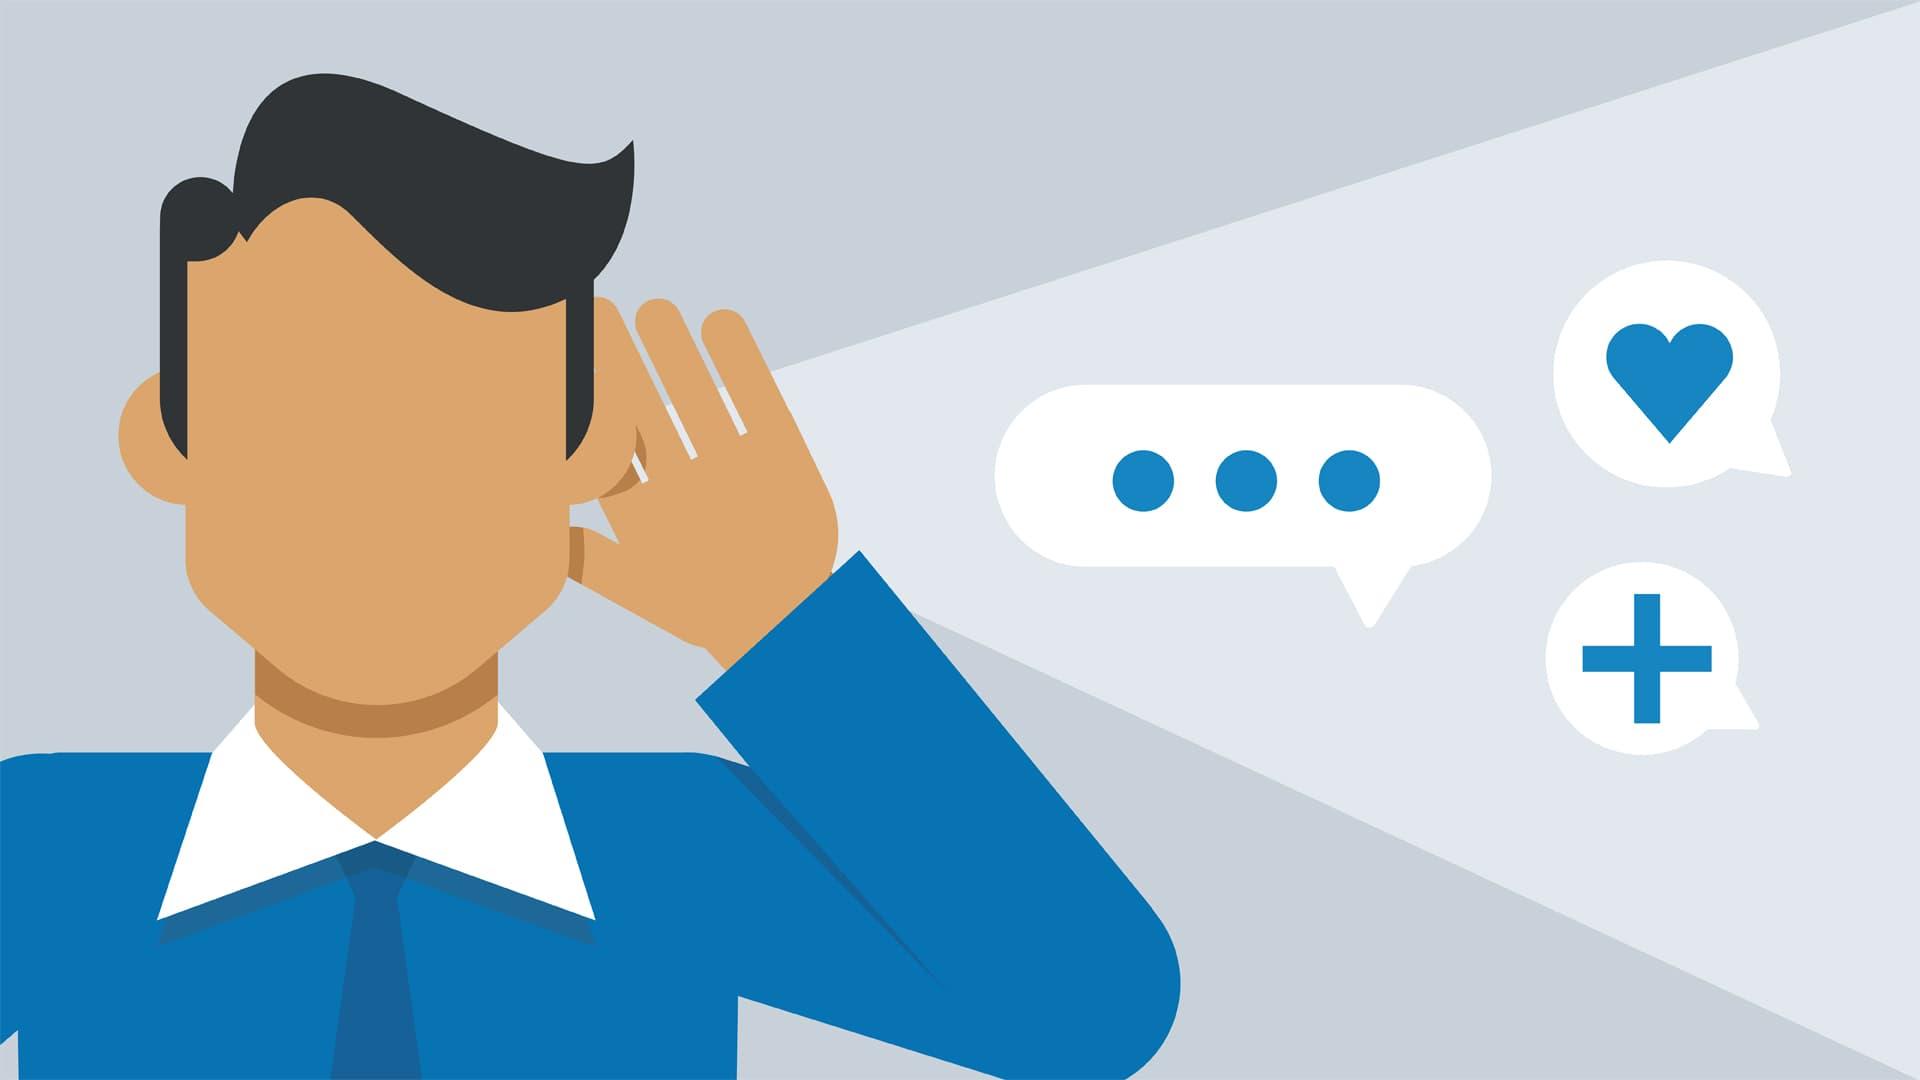 چطور نیاز مشتری هایمان را بشناسیم؟